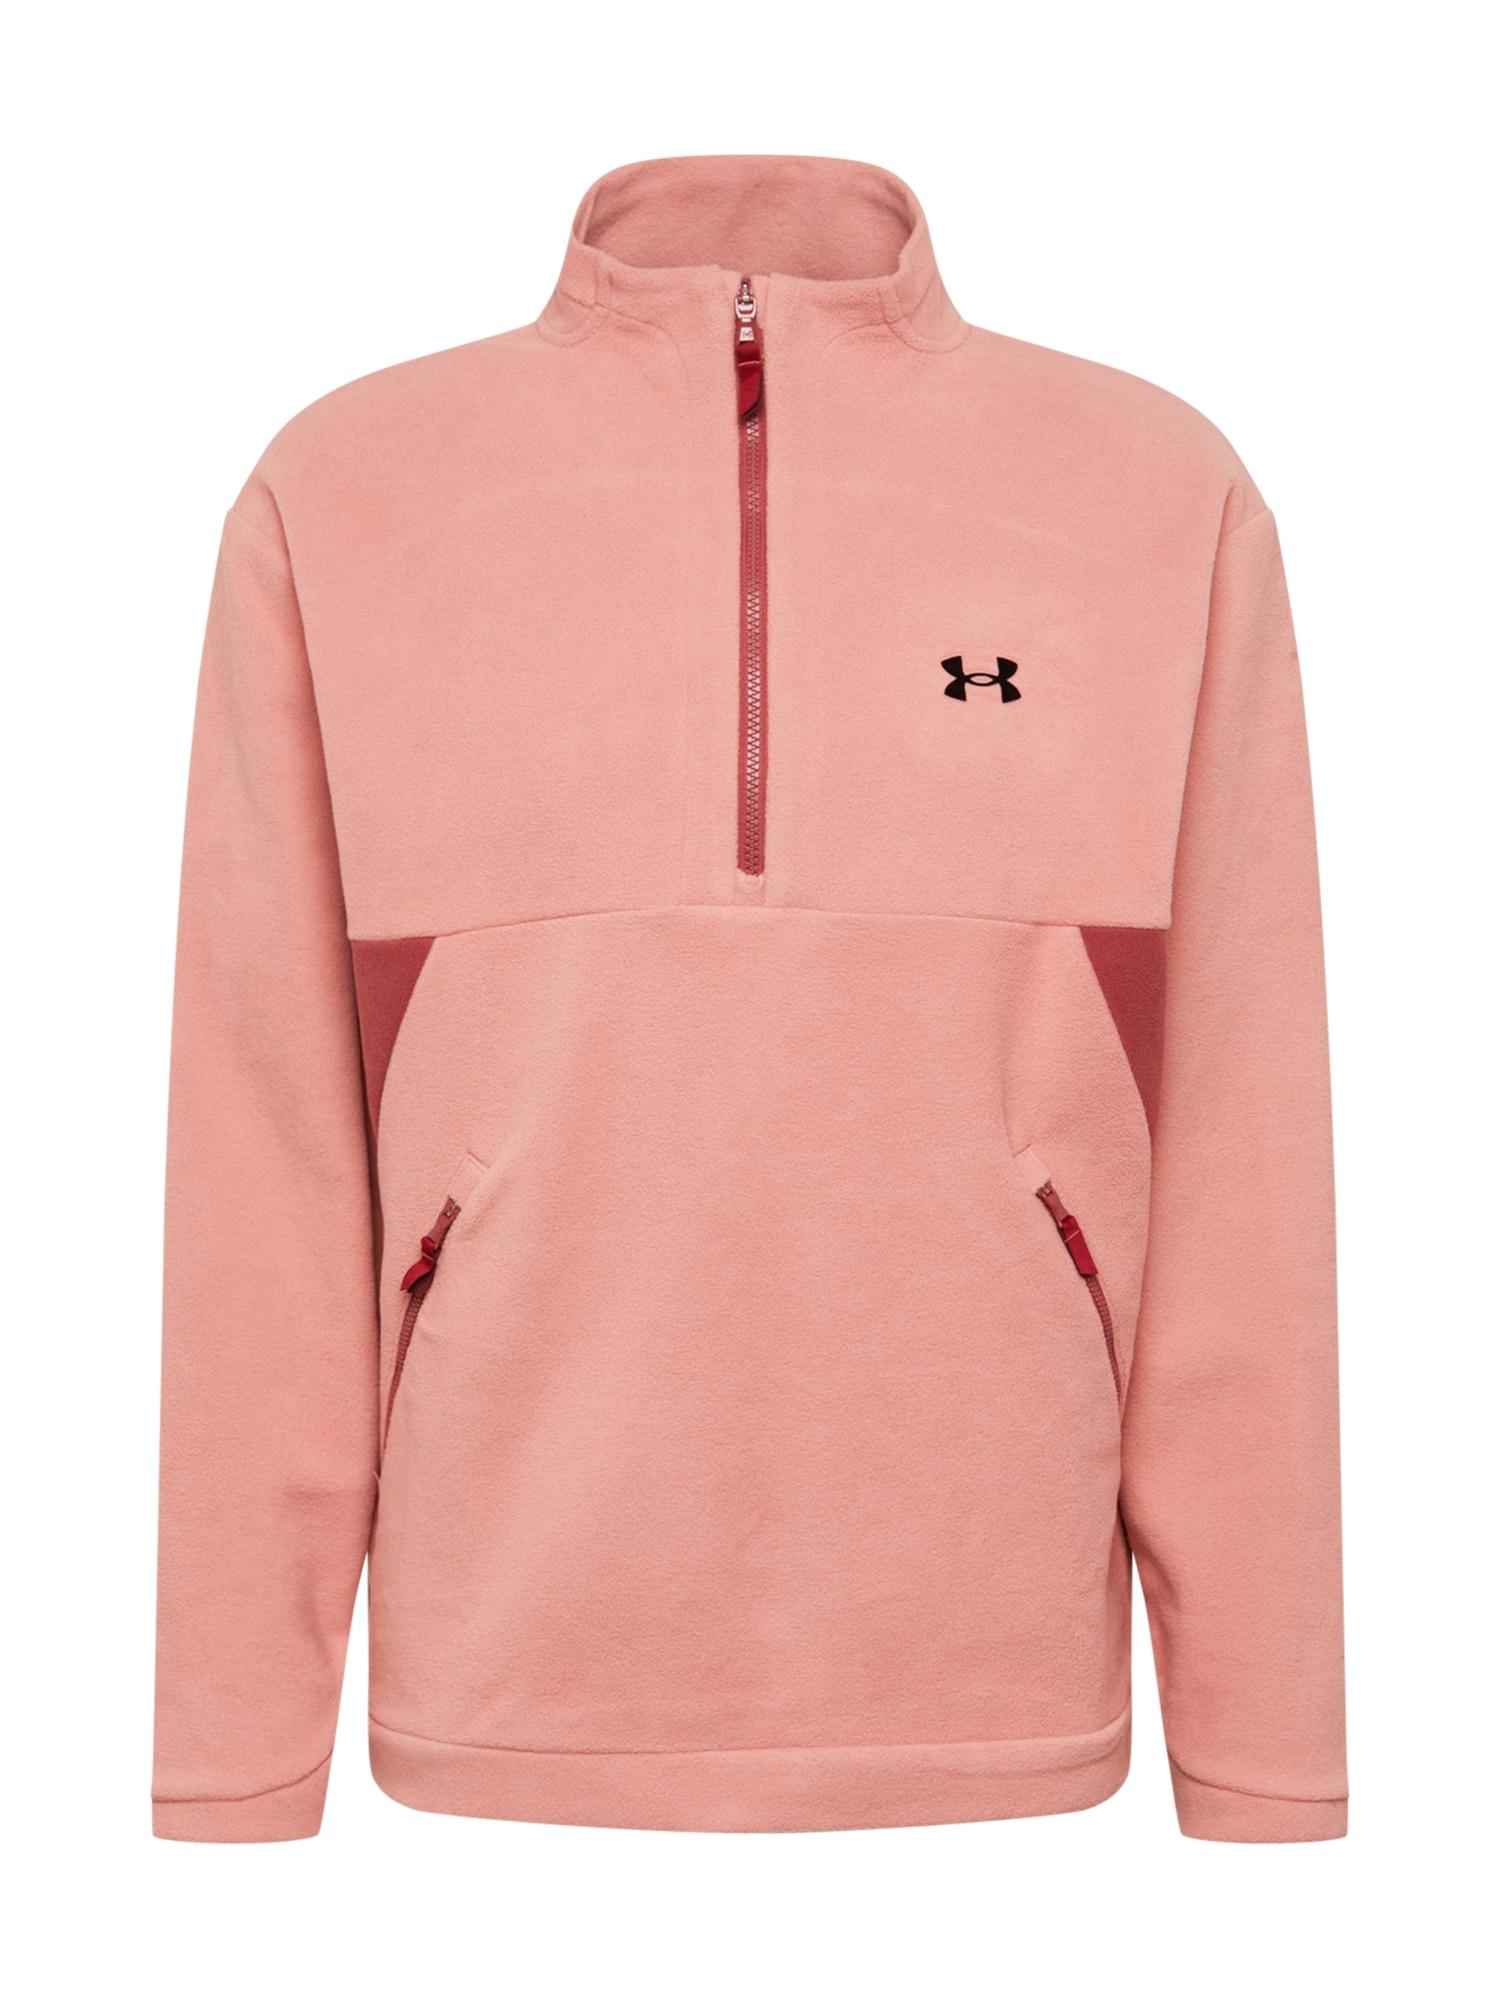 UNDER ARMOUR Funkcinis flisinis džemperis ryškiai rožinė spalva / vyno raudona spalva / juoda